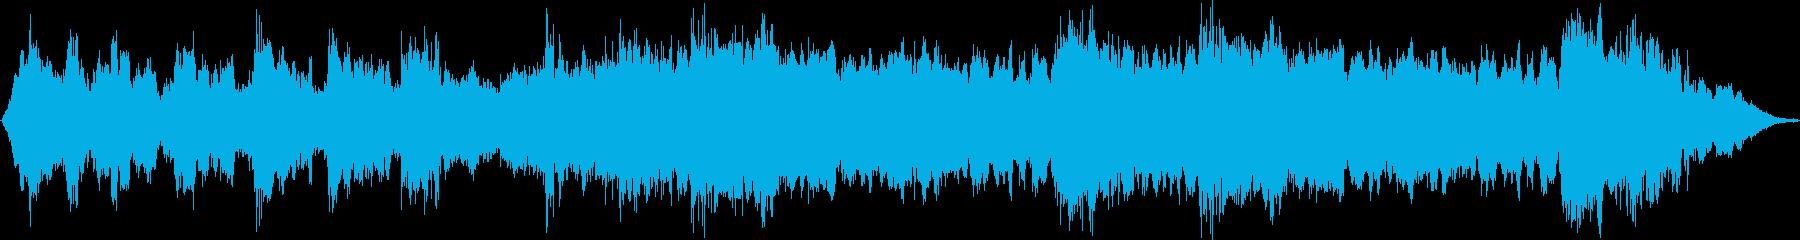 フレンチホルンとストリングスが特徴...の再生済みの波形